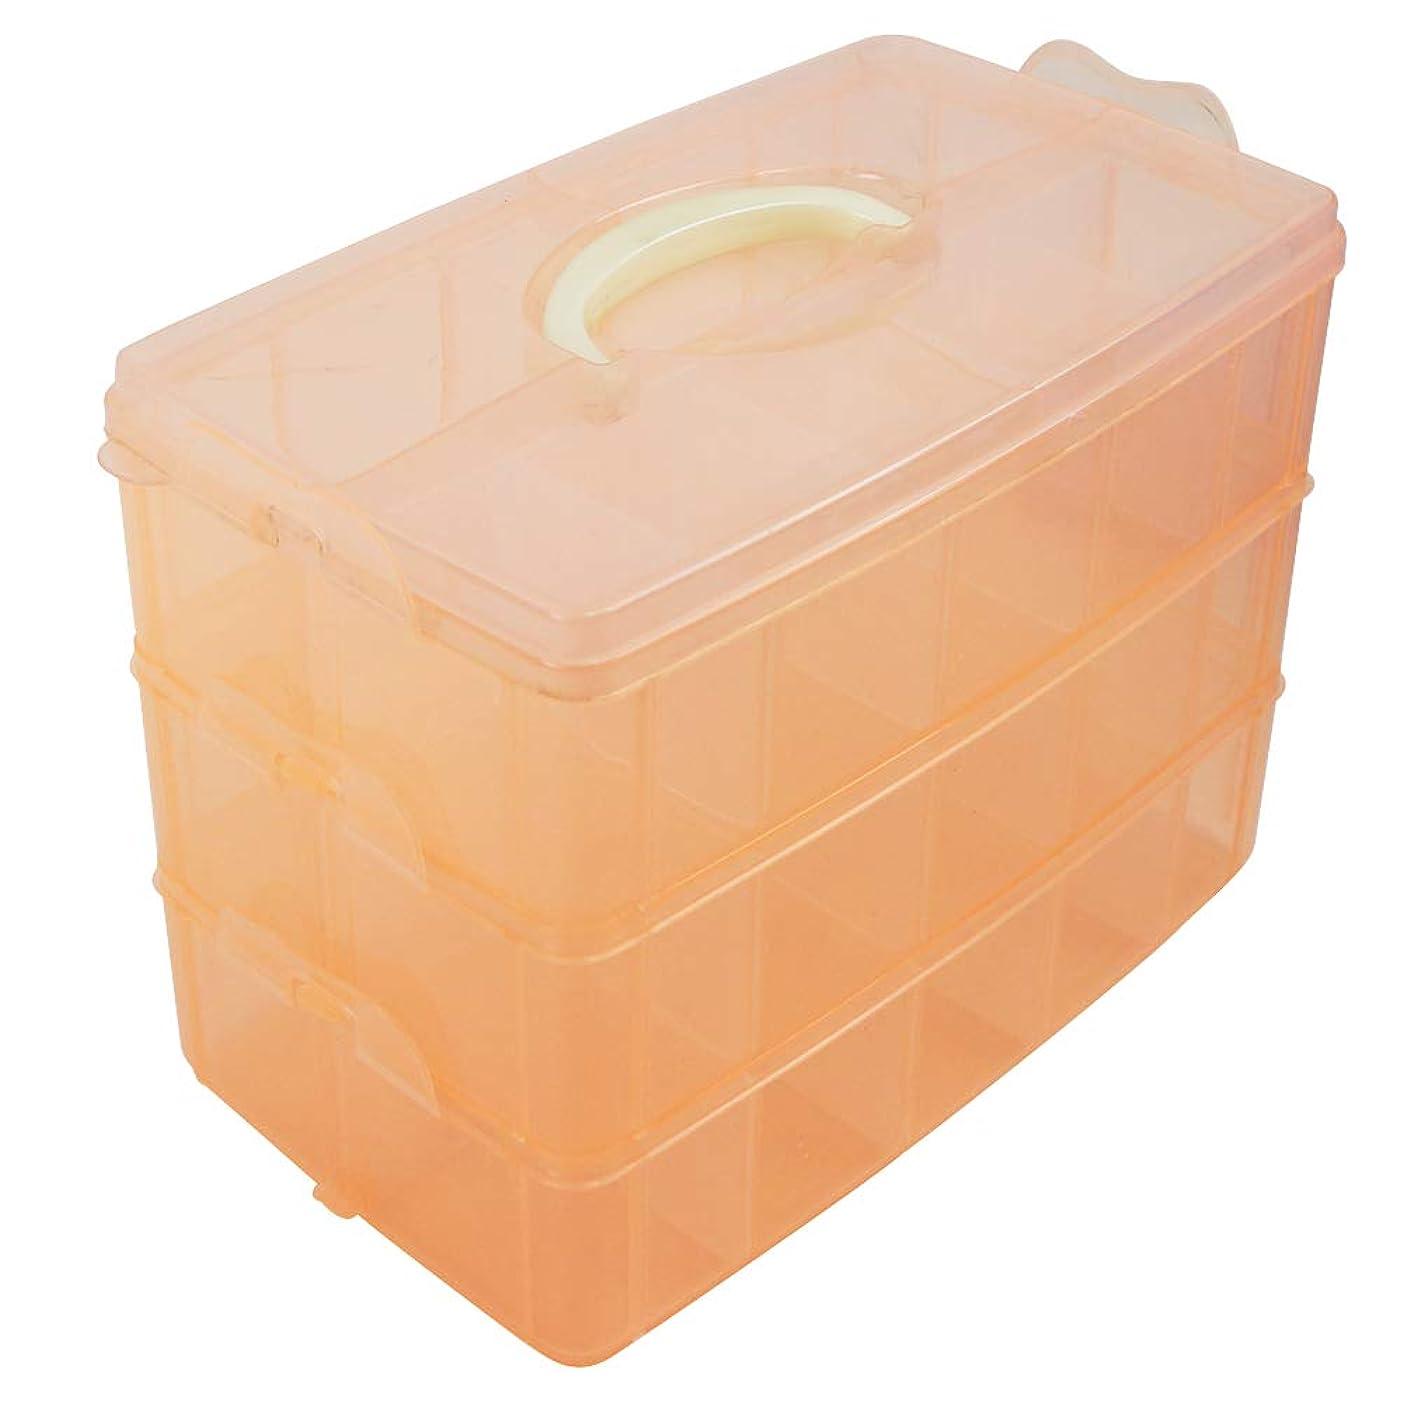 チャーム注目すべき尾hiruiseki 大きくて便利 LOLシリーズ サプライズ 人形 収納ボックス 持ち手つき クリアケース (オレンジ)